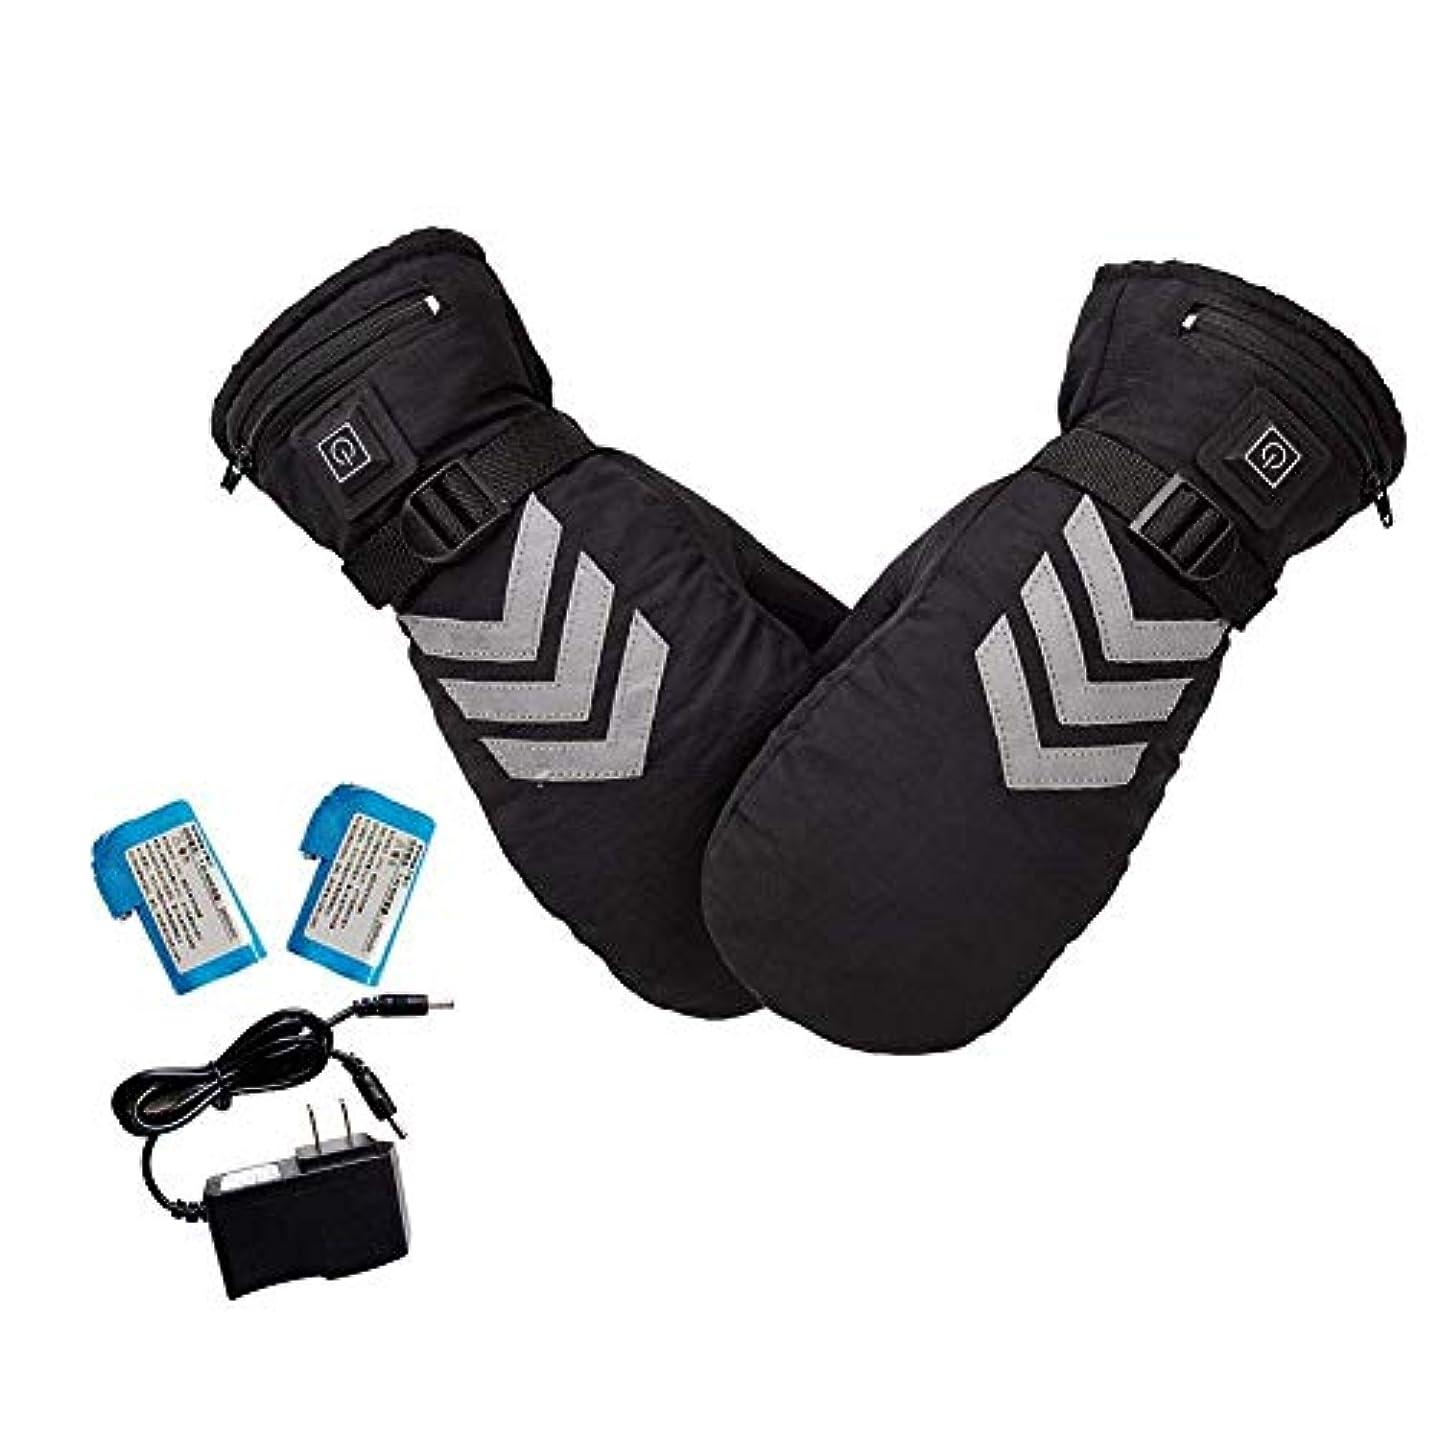 嫉妬間嵐が丘関節炎オートバイハイキングスキーサイクリングのための加熱手袋、充電式バッテリー加熱手袋防水冬の熱電手袋ミトン,黒